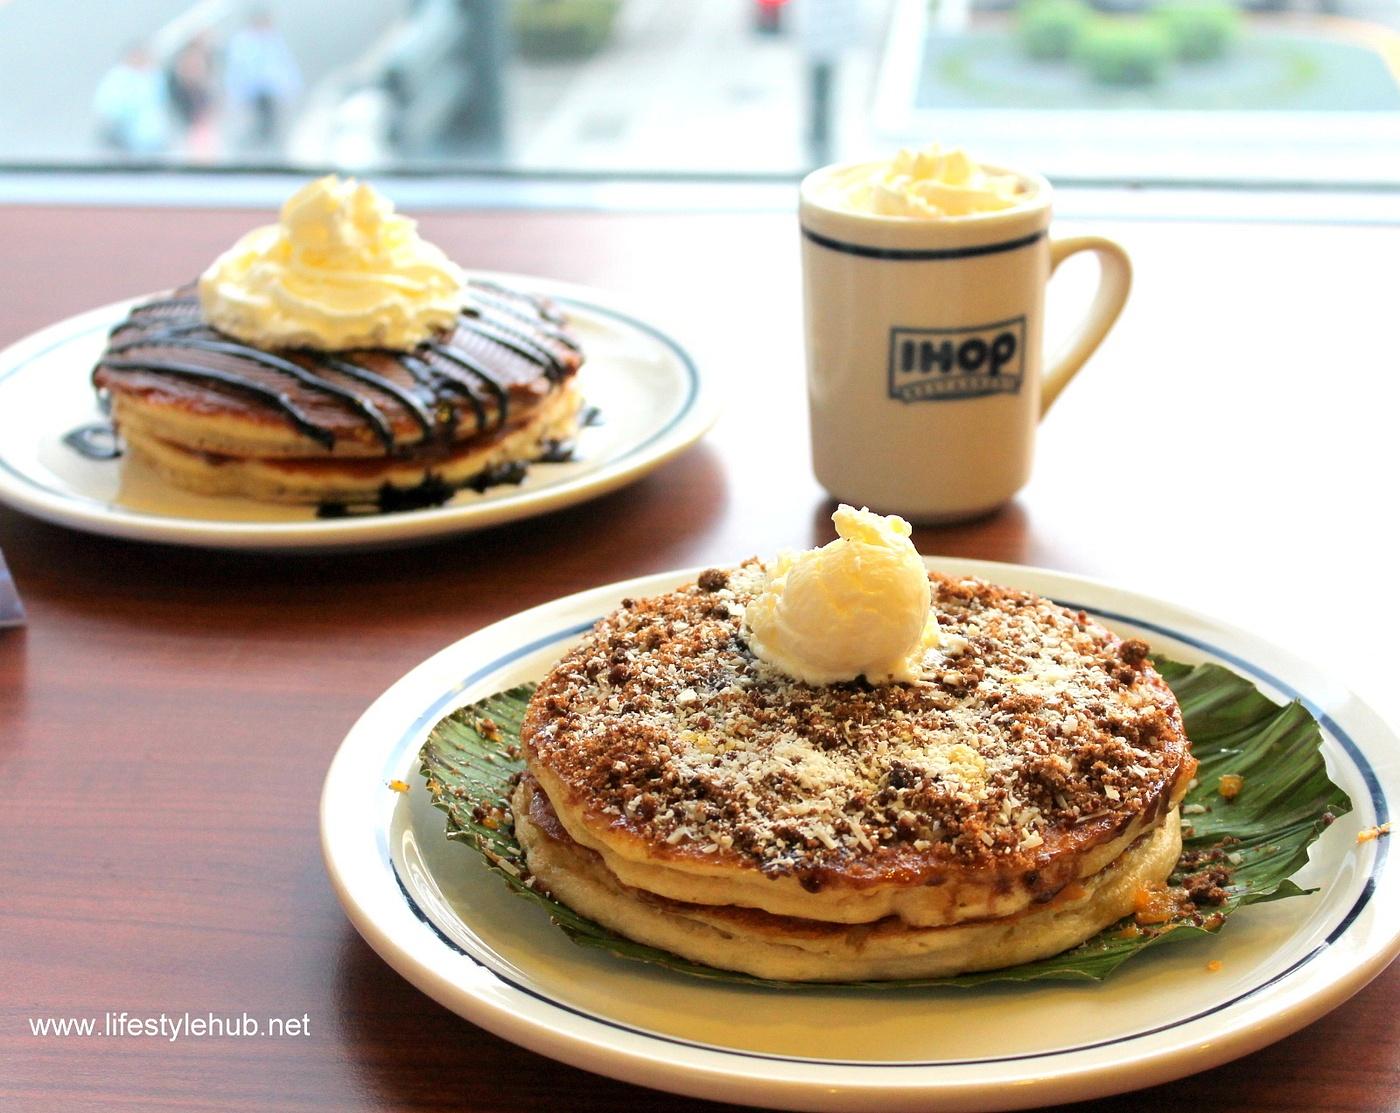 ihop bibingka pancake